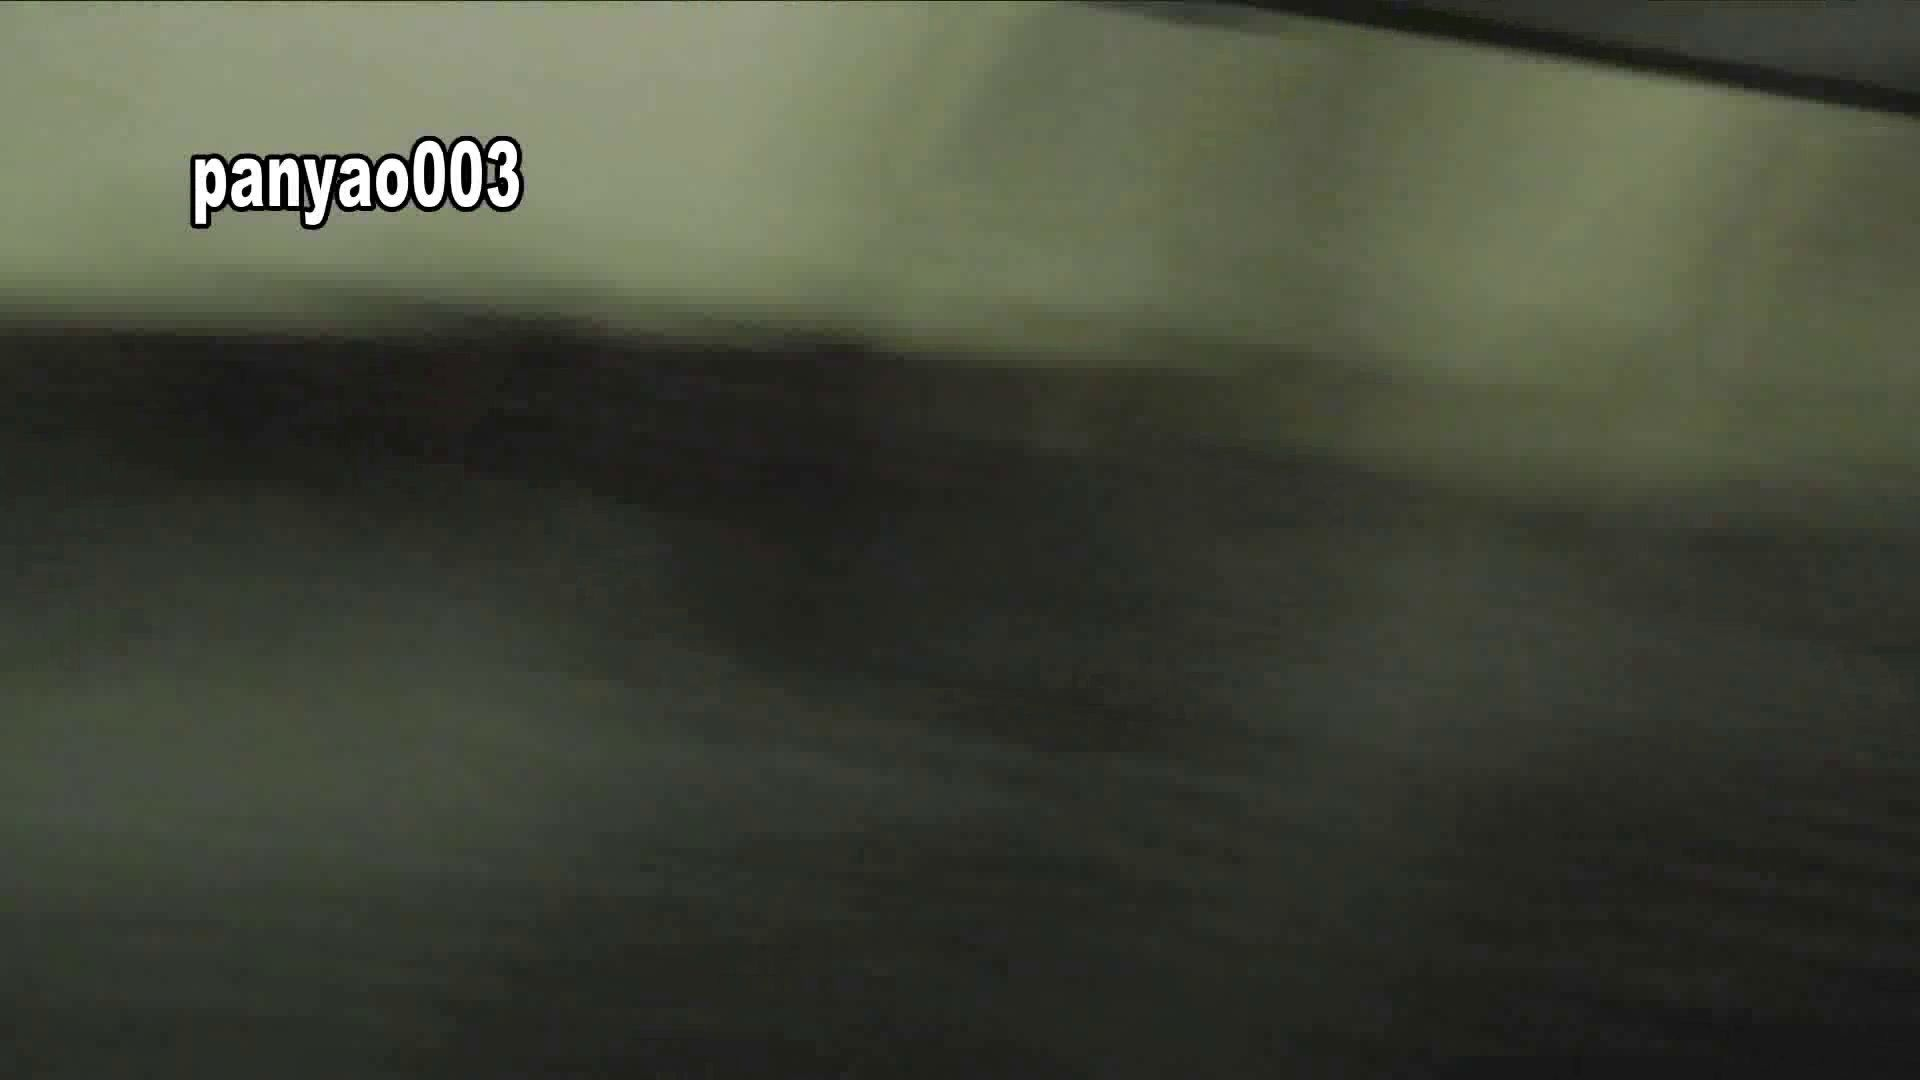 日本成人用品展览会。vol.03 ミリミリミリィ 潜入突撃 | 着替え  79pic 31